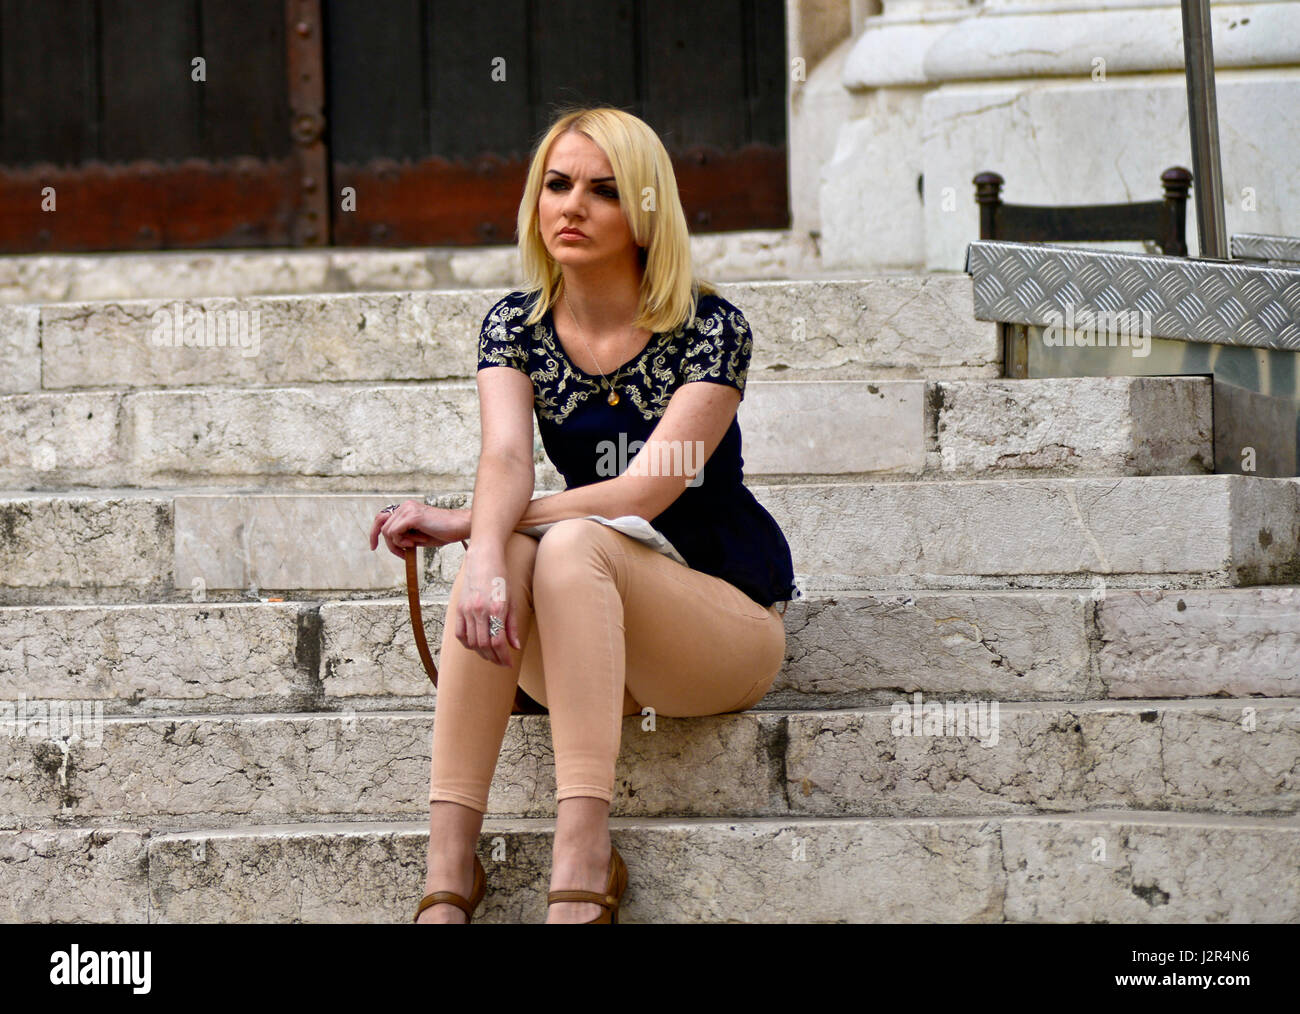 Una mujer rubia, esperando en las escaleras de una iglesia Imagen De Stock